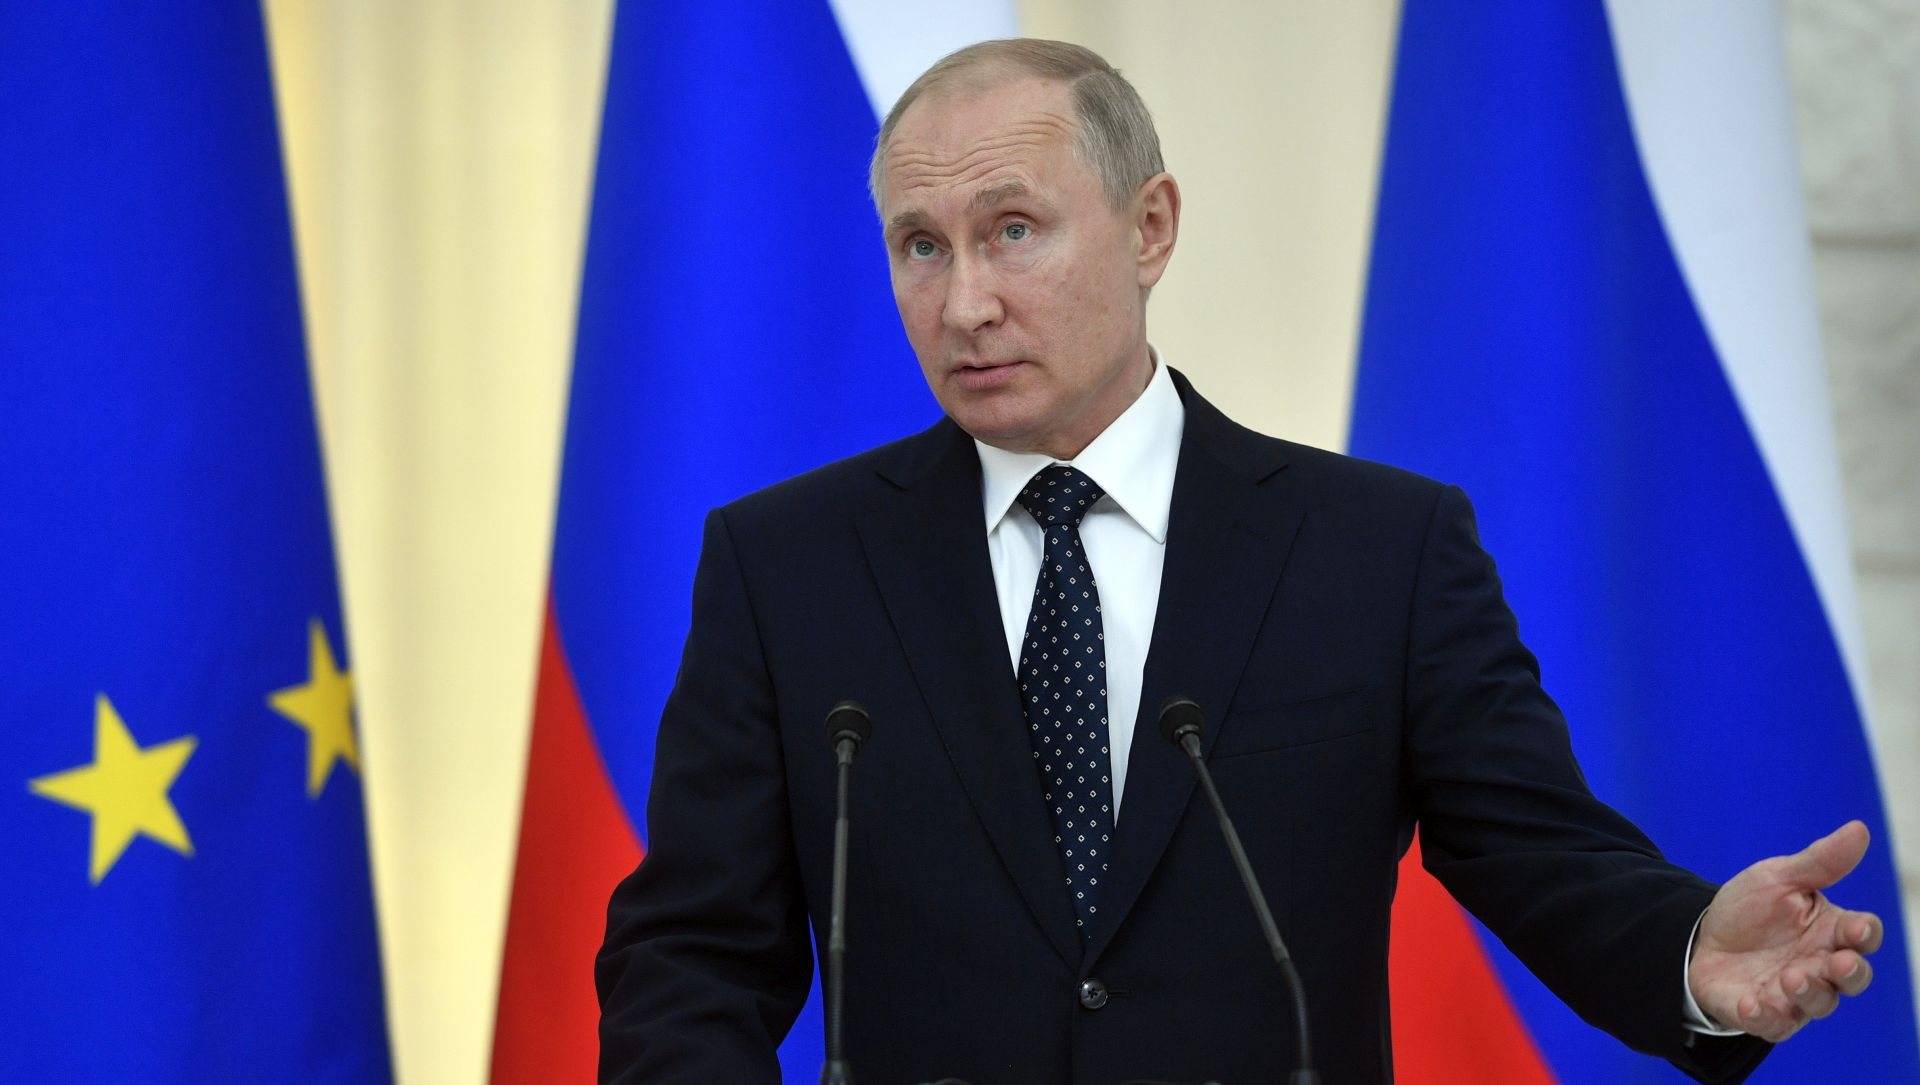 Kremlj kaže da nema ništa s političkim skandalom u Austriji